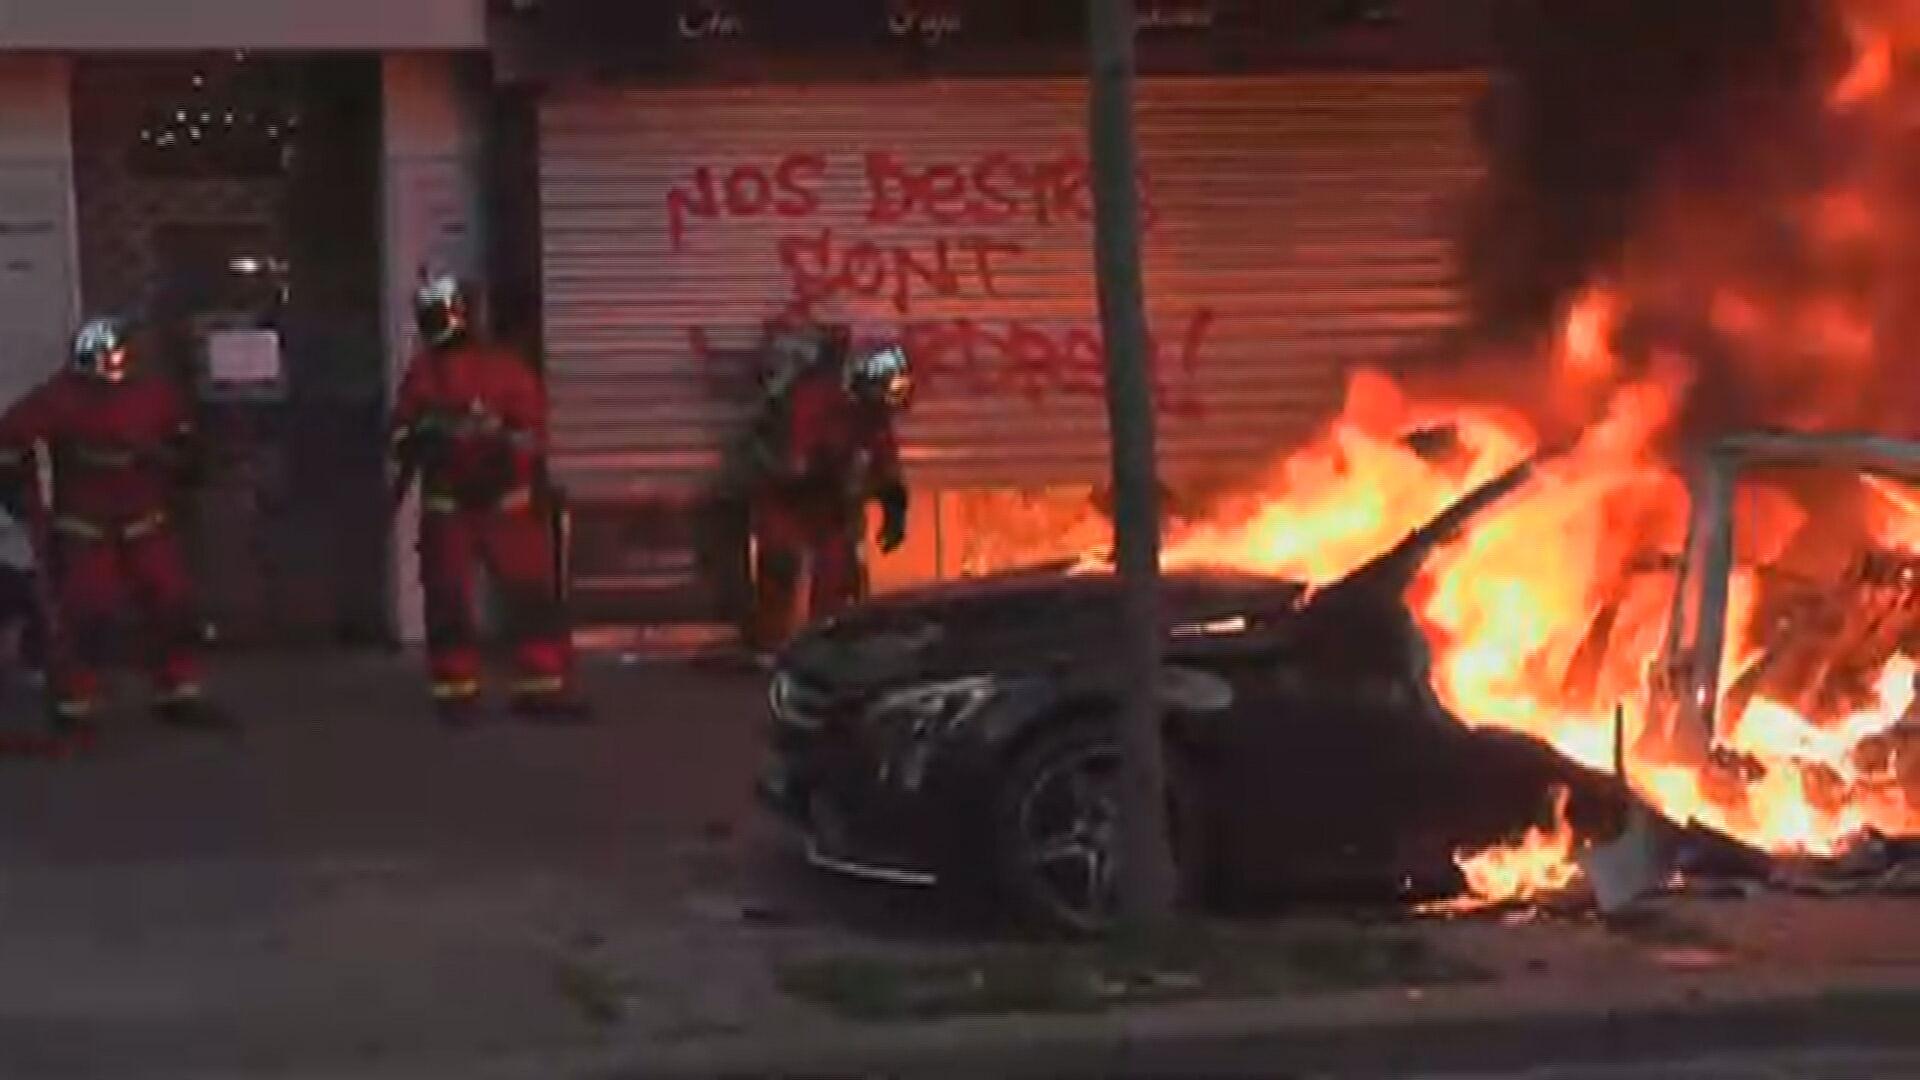 Carro pegando fogo em protesto contra violência policial (28 nov. 2020)